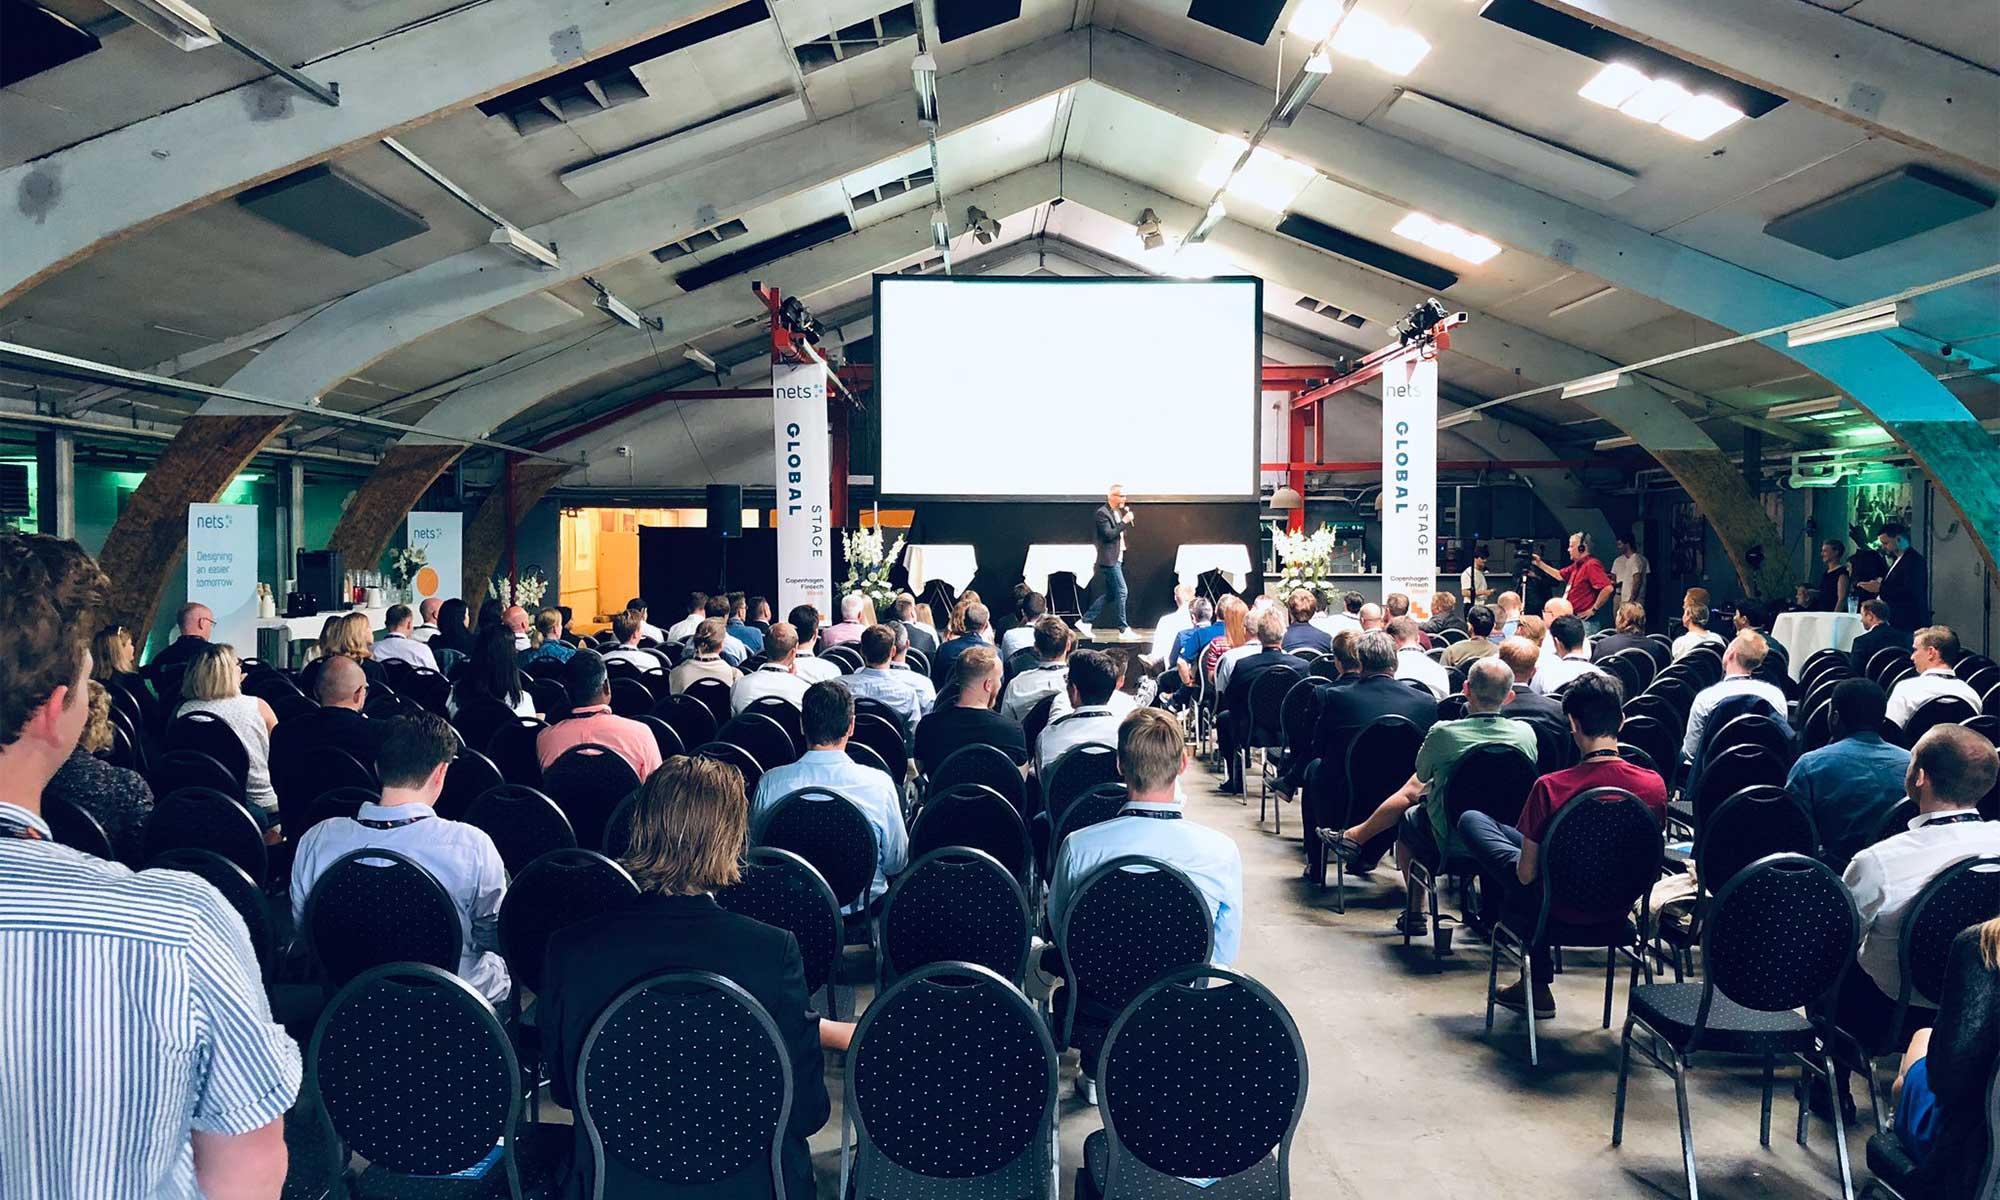 Copenhagen FinTech Week 2019